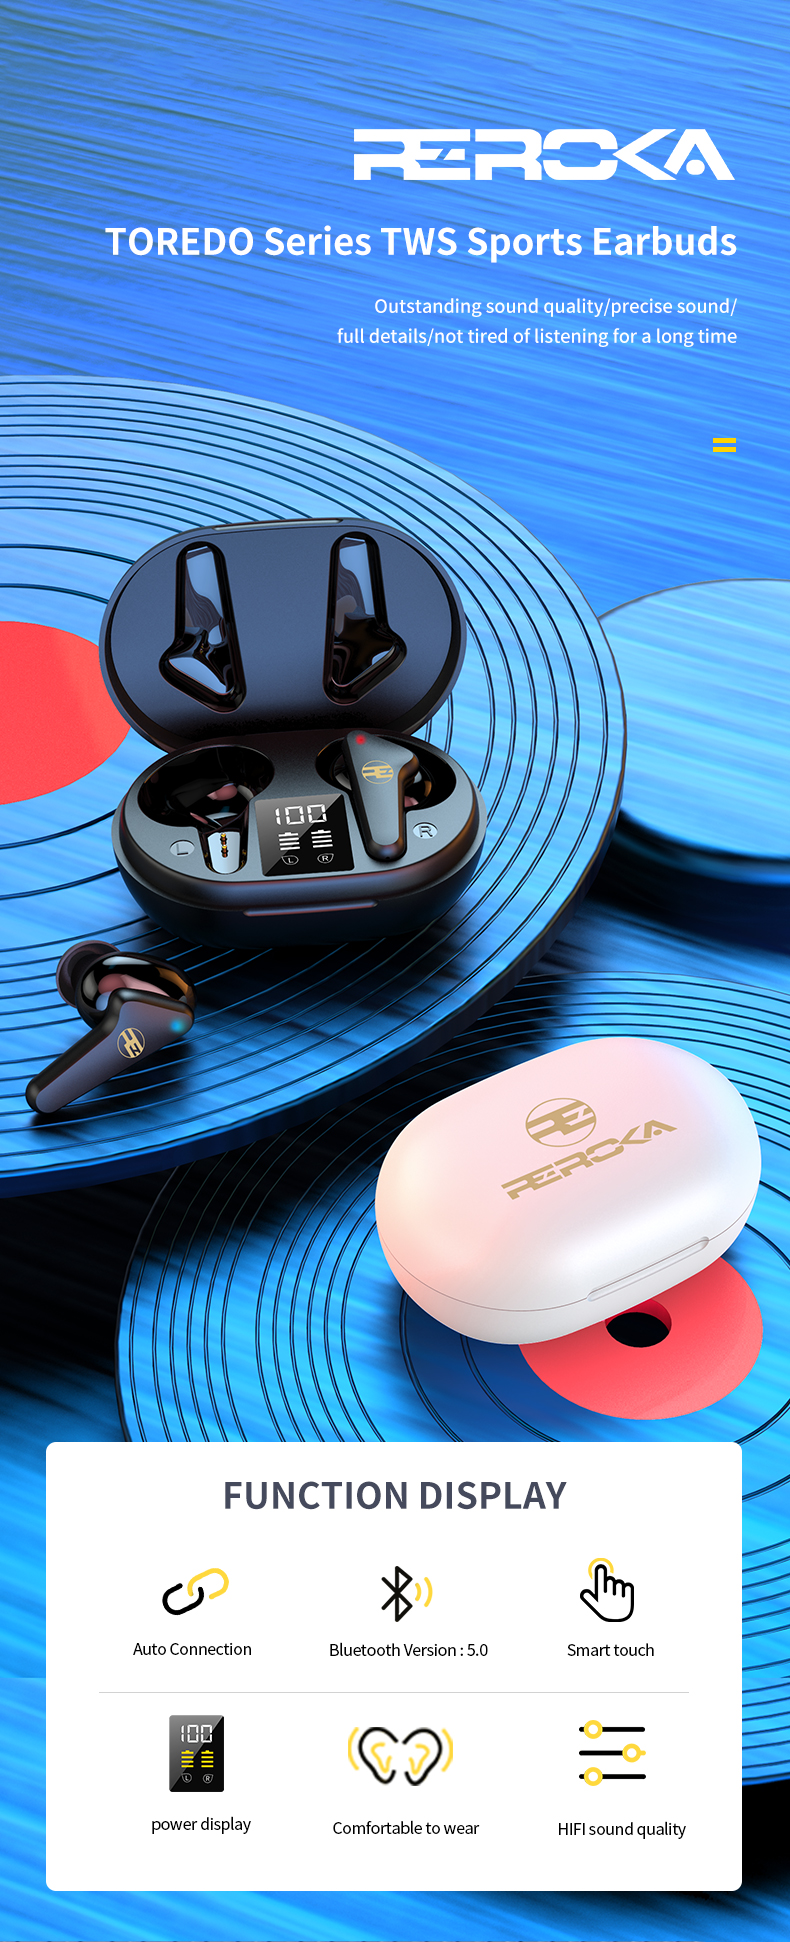 Tai Nghe Bluetooth V5.0 True Wireless Không Dây Reroka Torpedo 2021 Cảm Ứng Vân Tay Âm Thanh Hi-Fi  Bass Căng Trầm Pin Trâu Hiển Thị Mức Pin Đèn Led Chống Ồn Chống Nước Đổi Tên Thiết Bị Kiểu Giáng Thể Thao Đeo Chắc Tai 3 Màu Trắng Hồng Đen- Hàng Chính Hãng 1